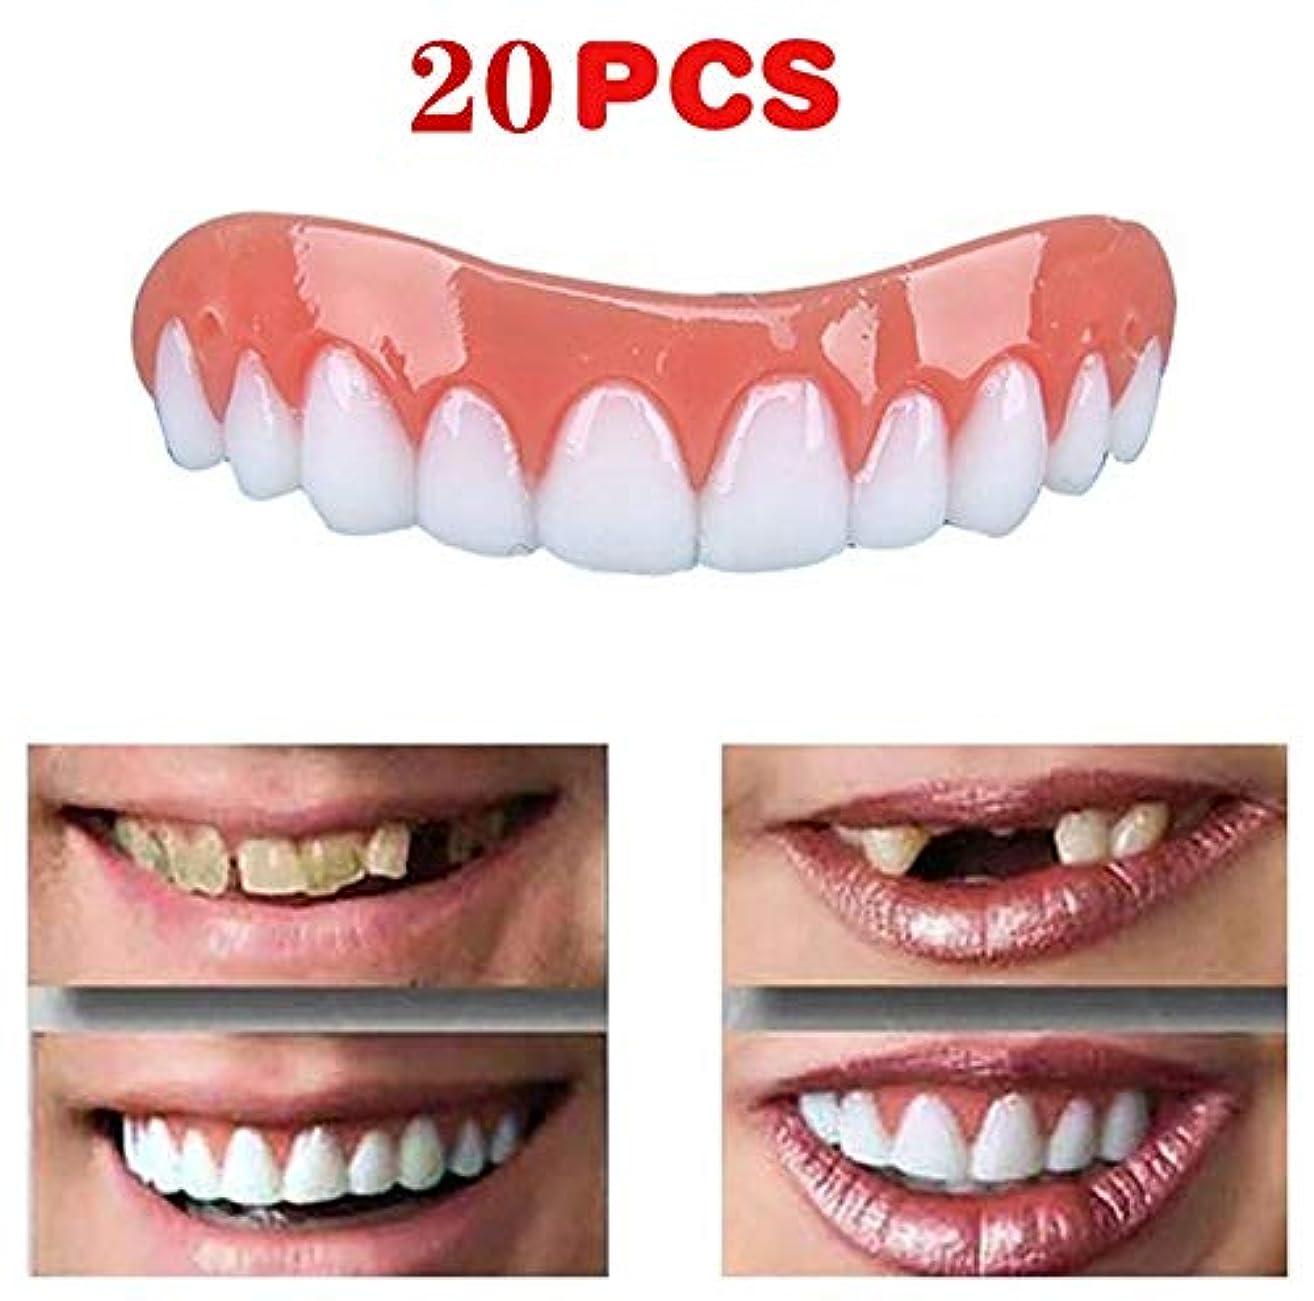 悲しいことに視力申請中20ピース新しい再利用可能な大人のスナップオンパーフェクトスマイルホワイトニング義歯フィットフレックス化粧品歯快適な突き板カバーデンタルケアアクセサリー